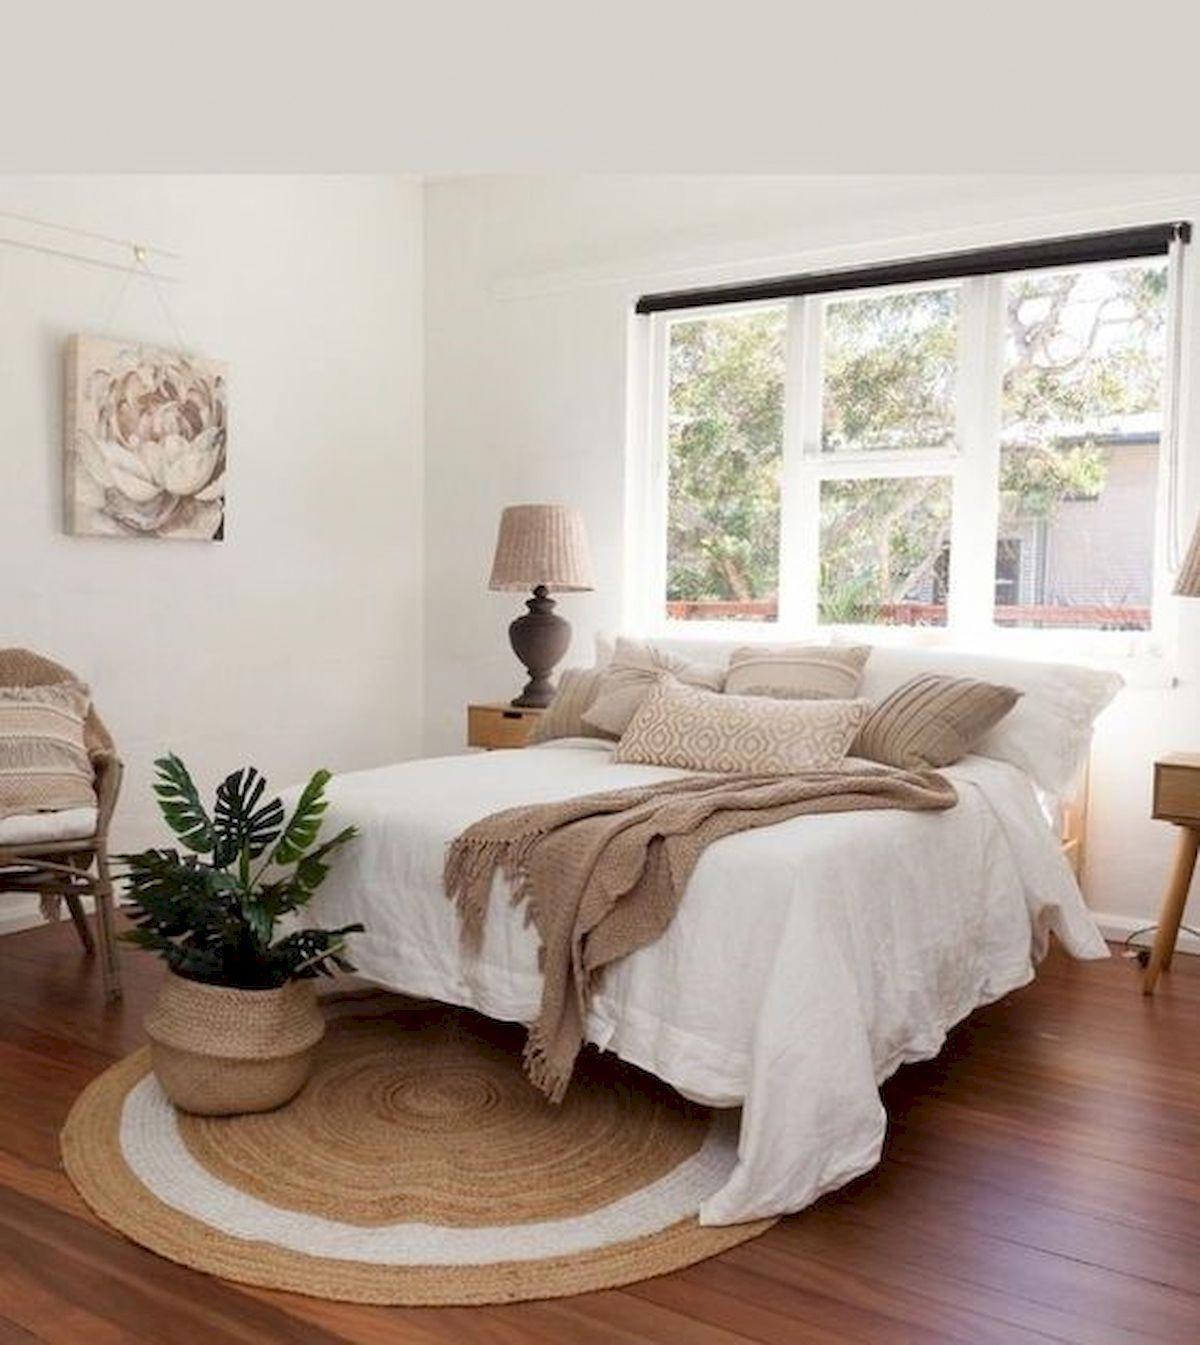 кровать у окна латте bedroominspo bedroom design home on modern cozy bedroom decorating ideas id=86628